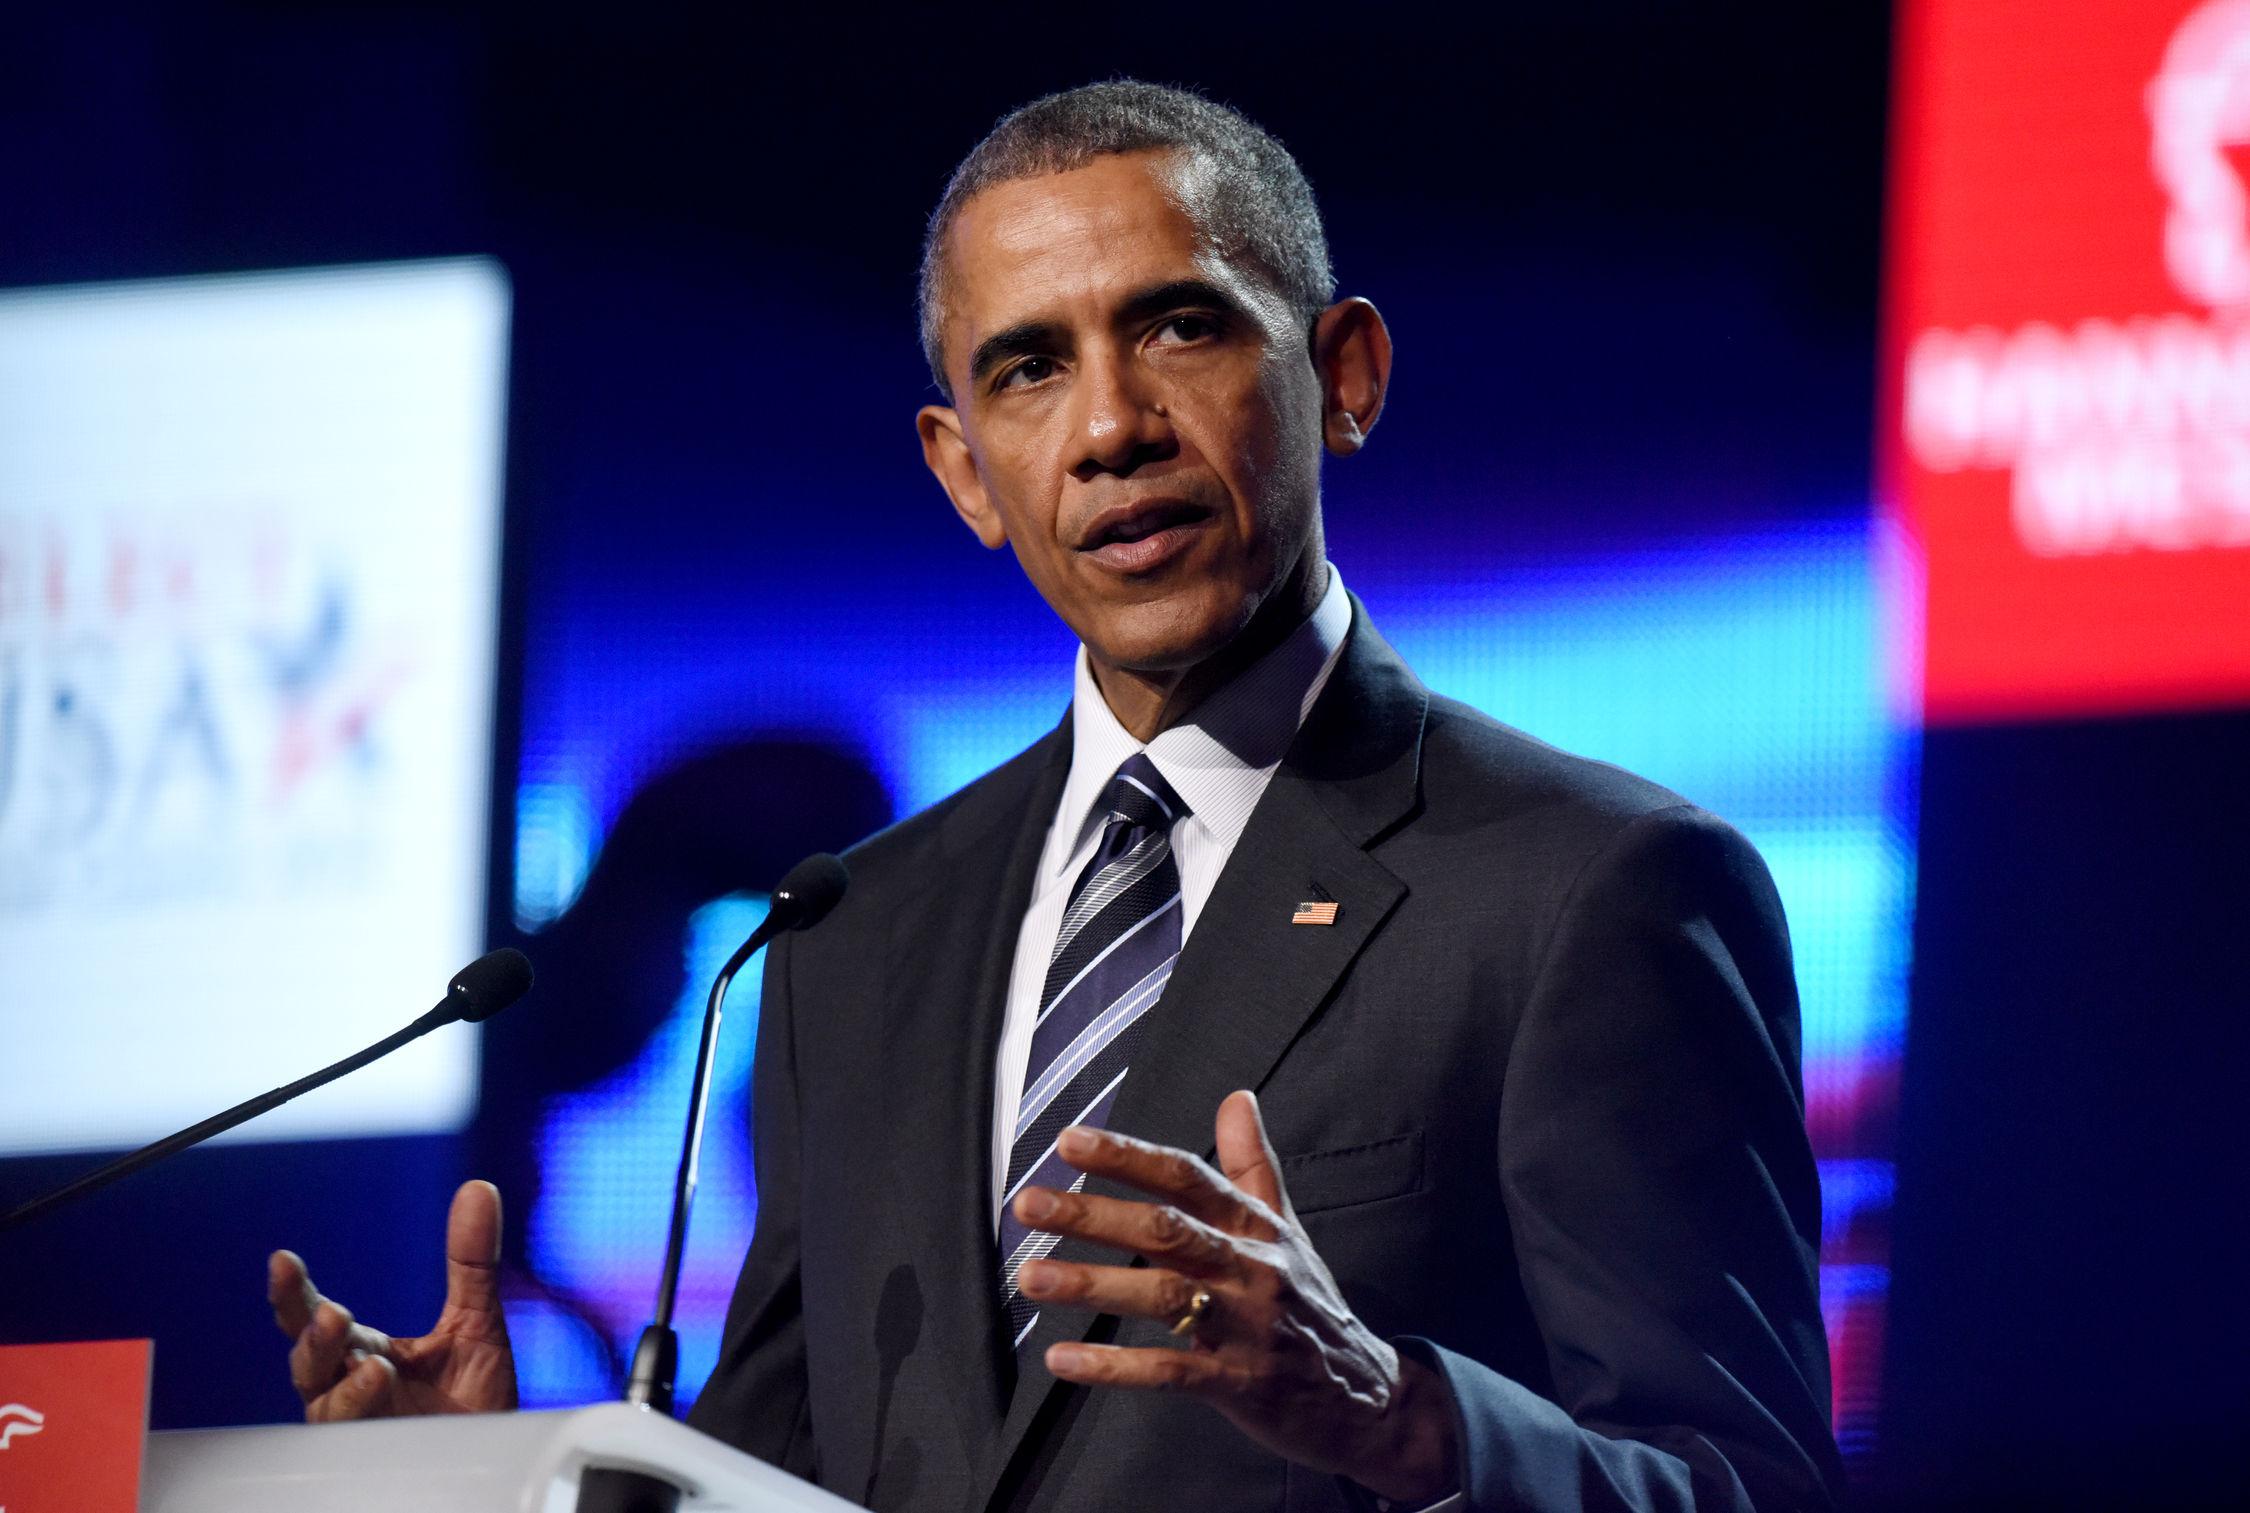 Ihm schlägt Skepsis entgegen: US-Präsident Obama auf der Eröffnungsfeier der HANNOVER MESSE am 24. April 2015 im Hannover Congress Centrum. Foto: Hannover Messe